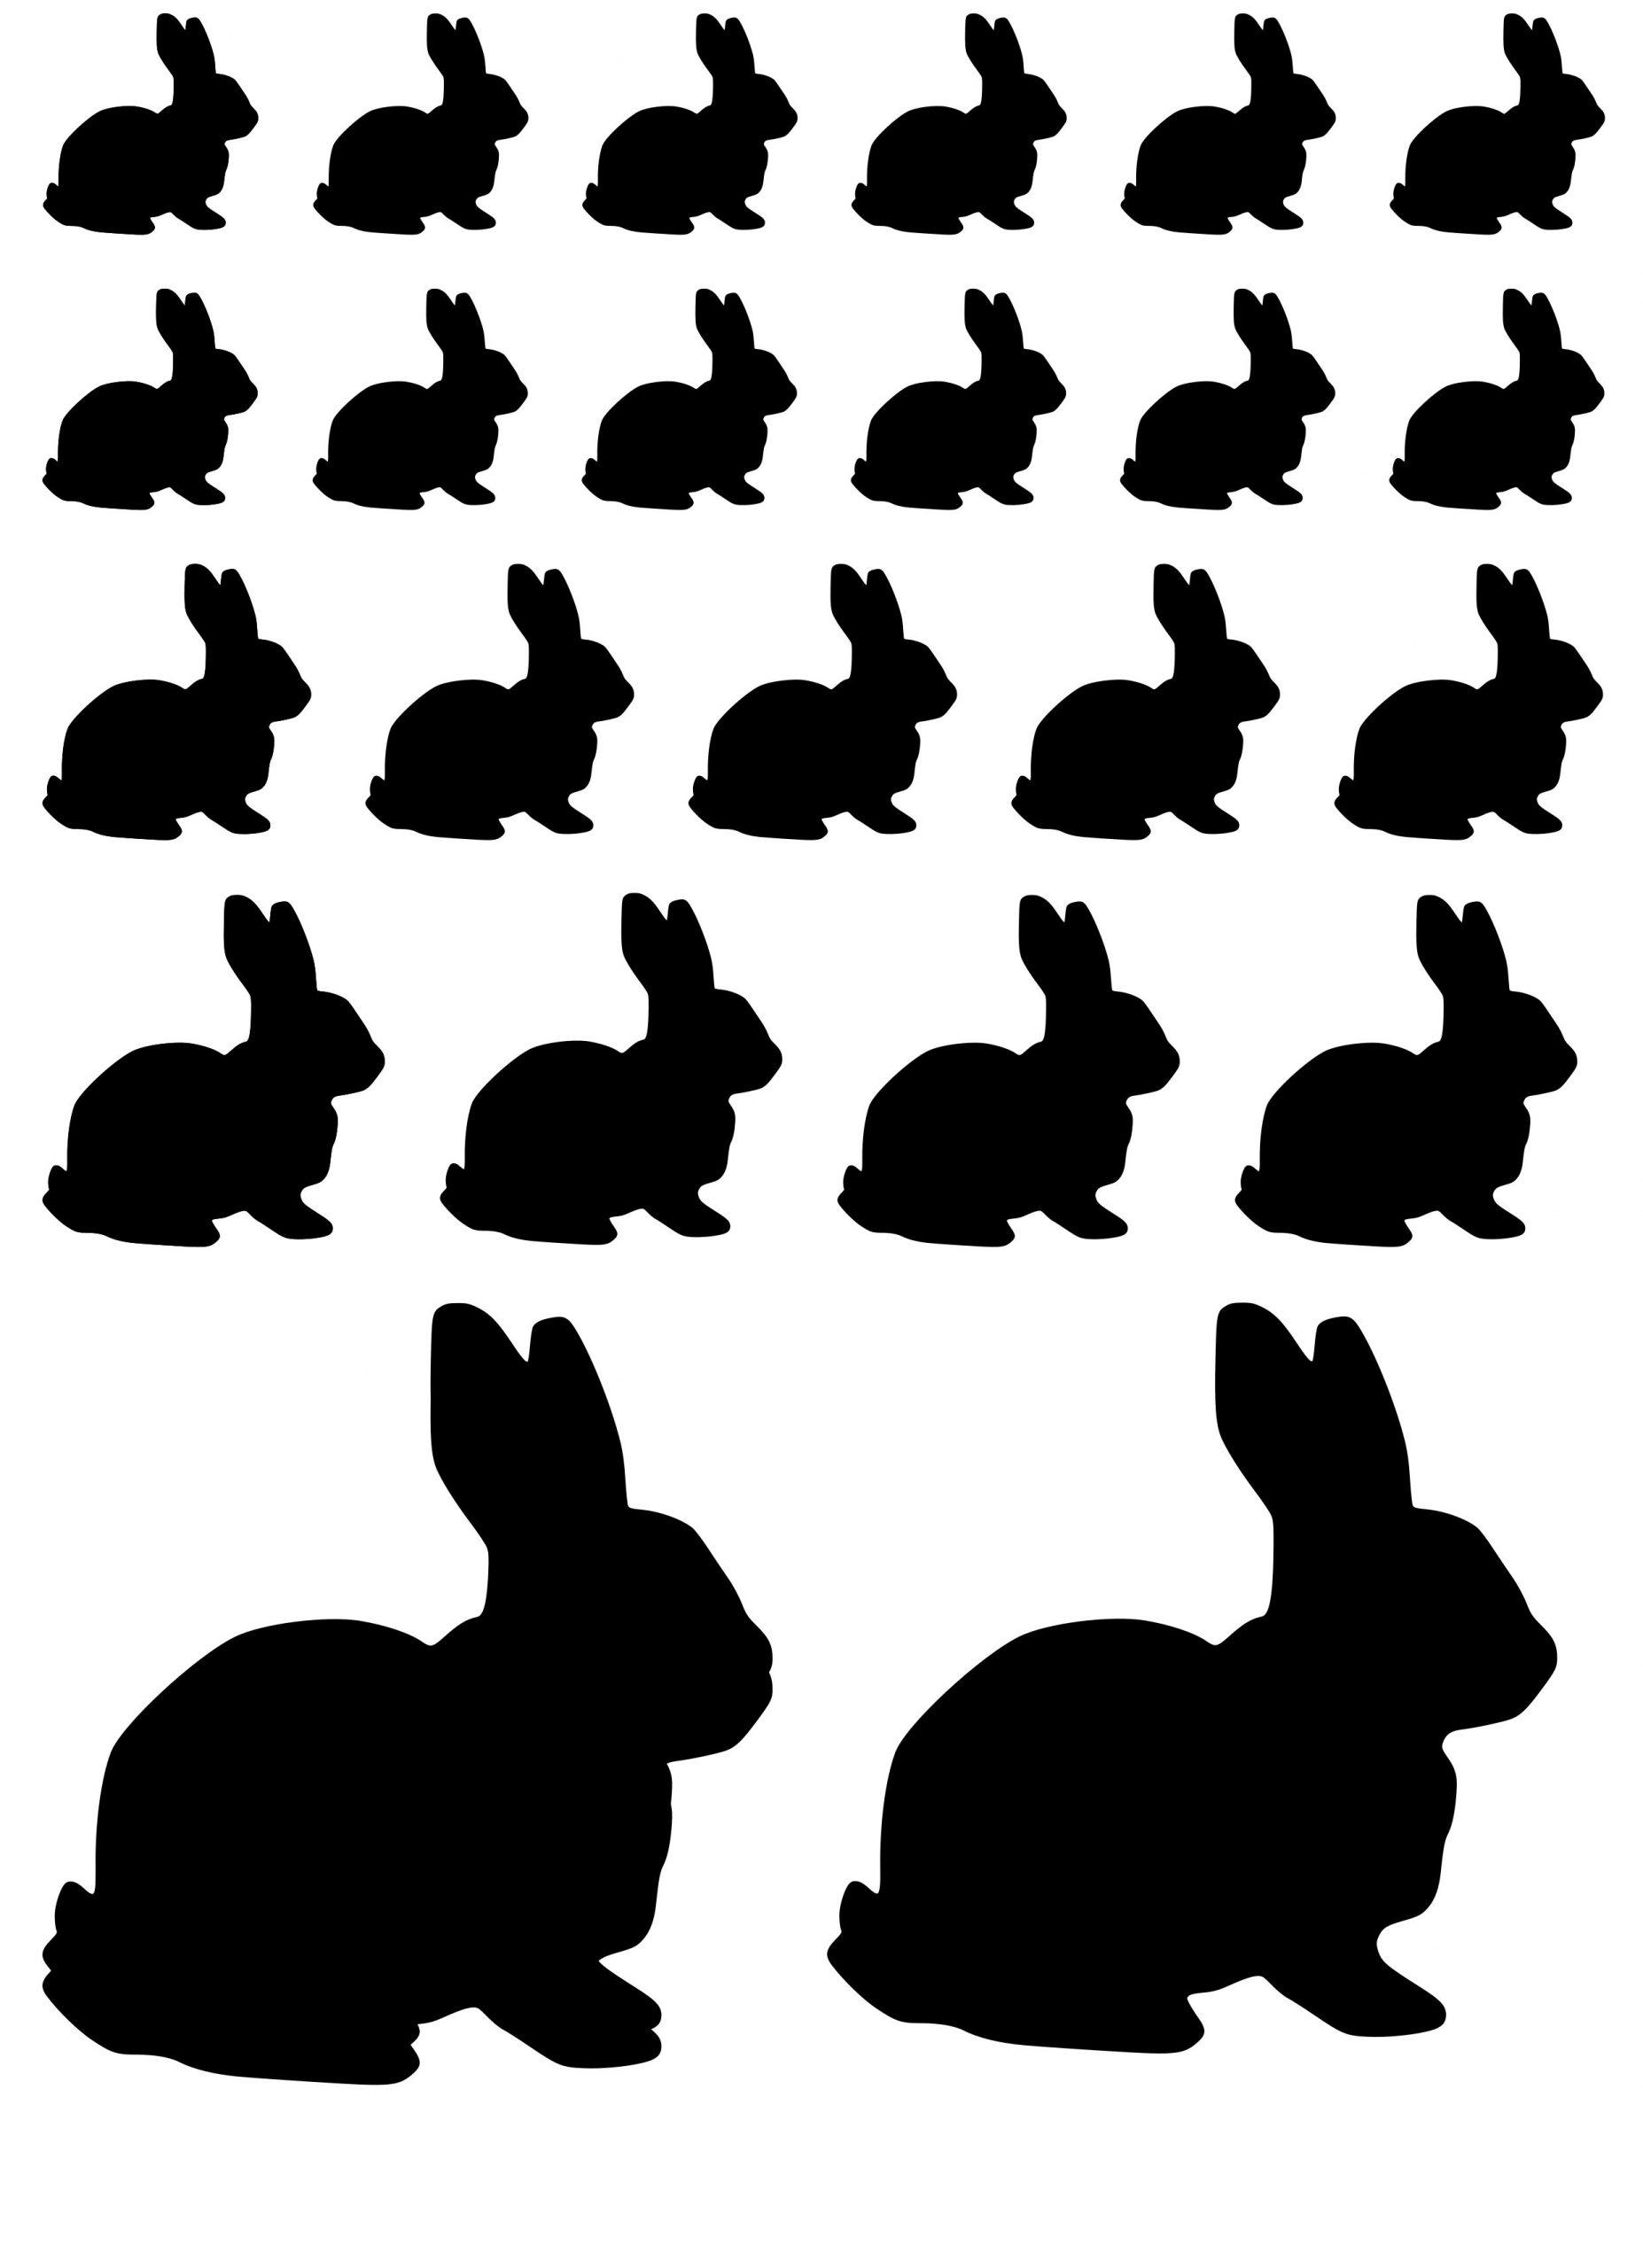 Klistermærker med kæledyr kaniner kæledyr ark